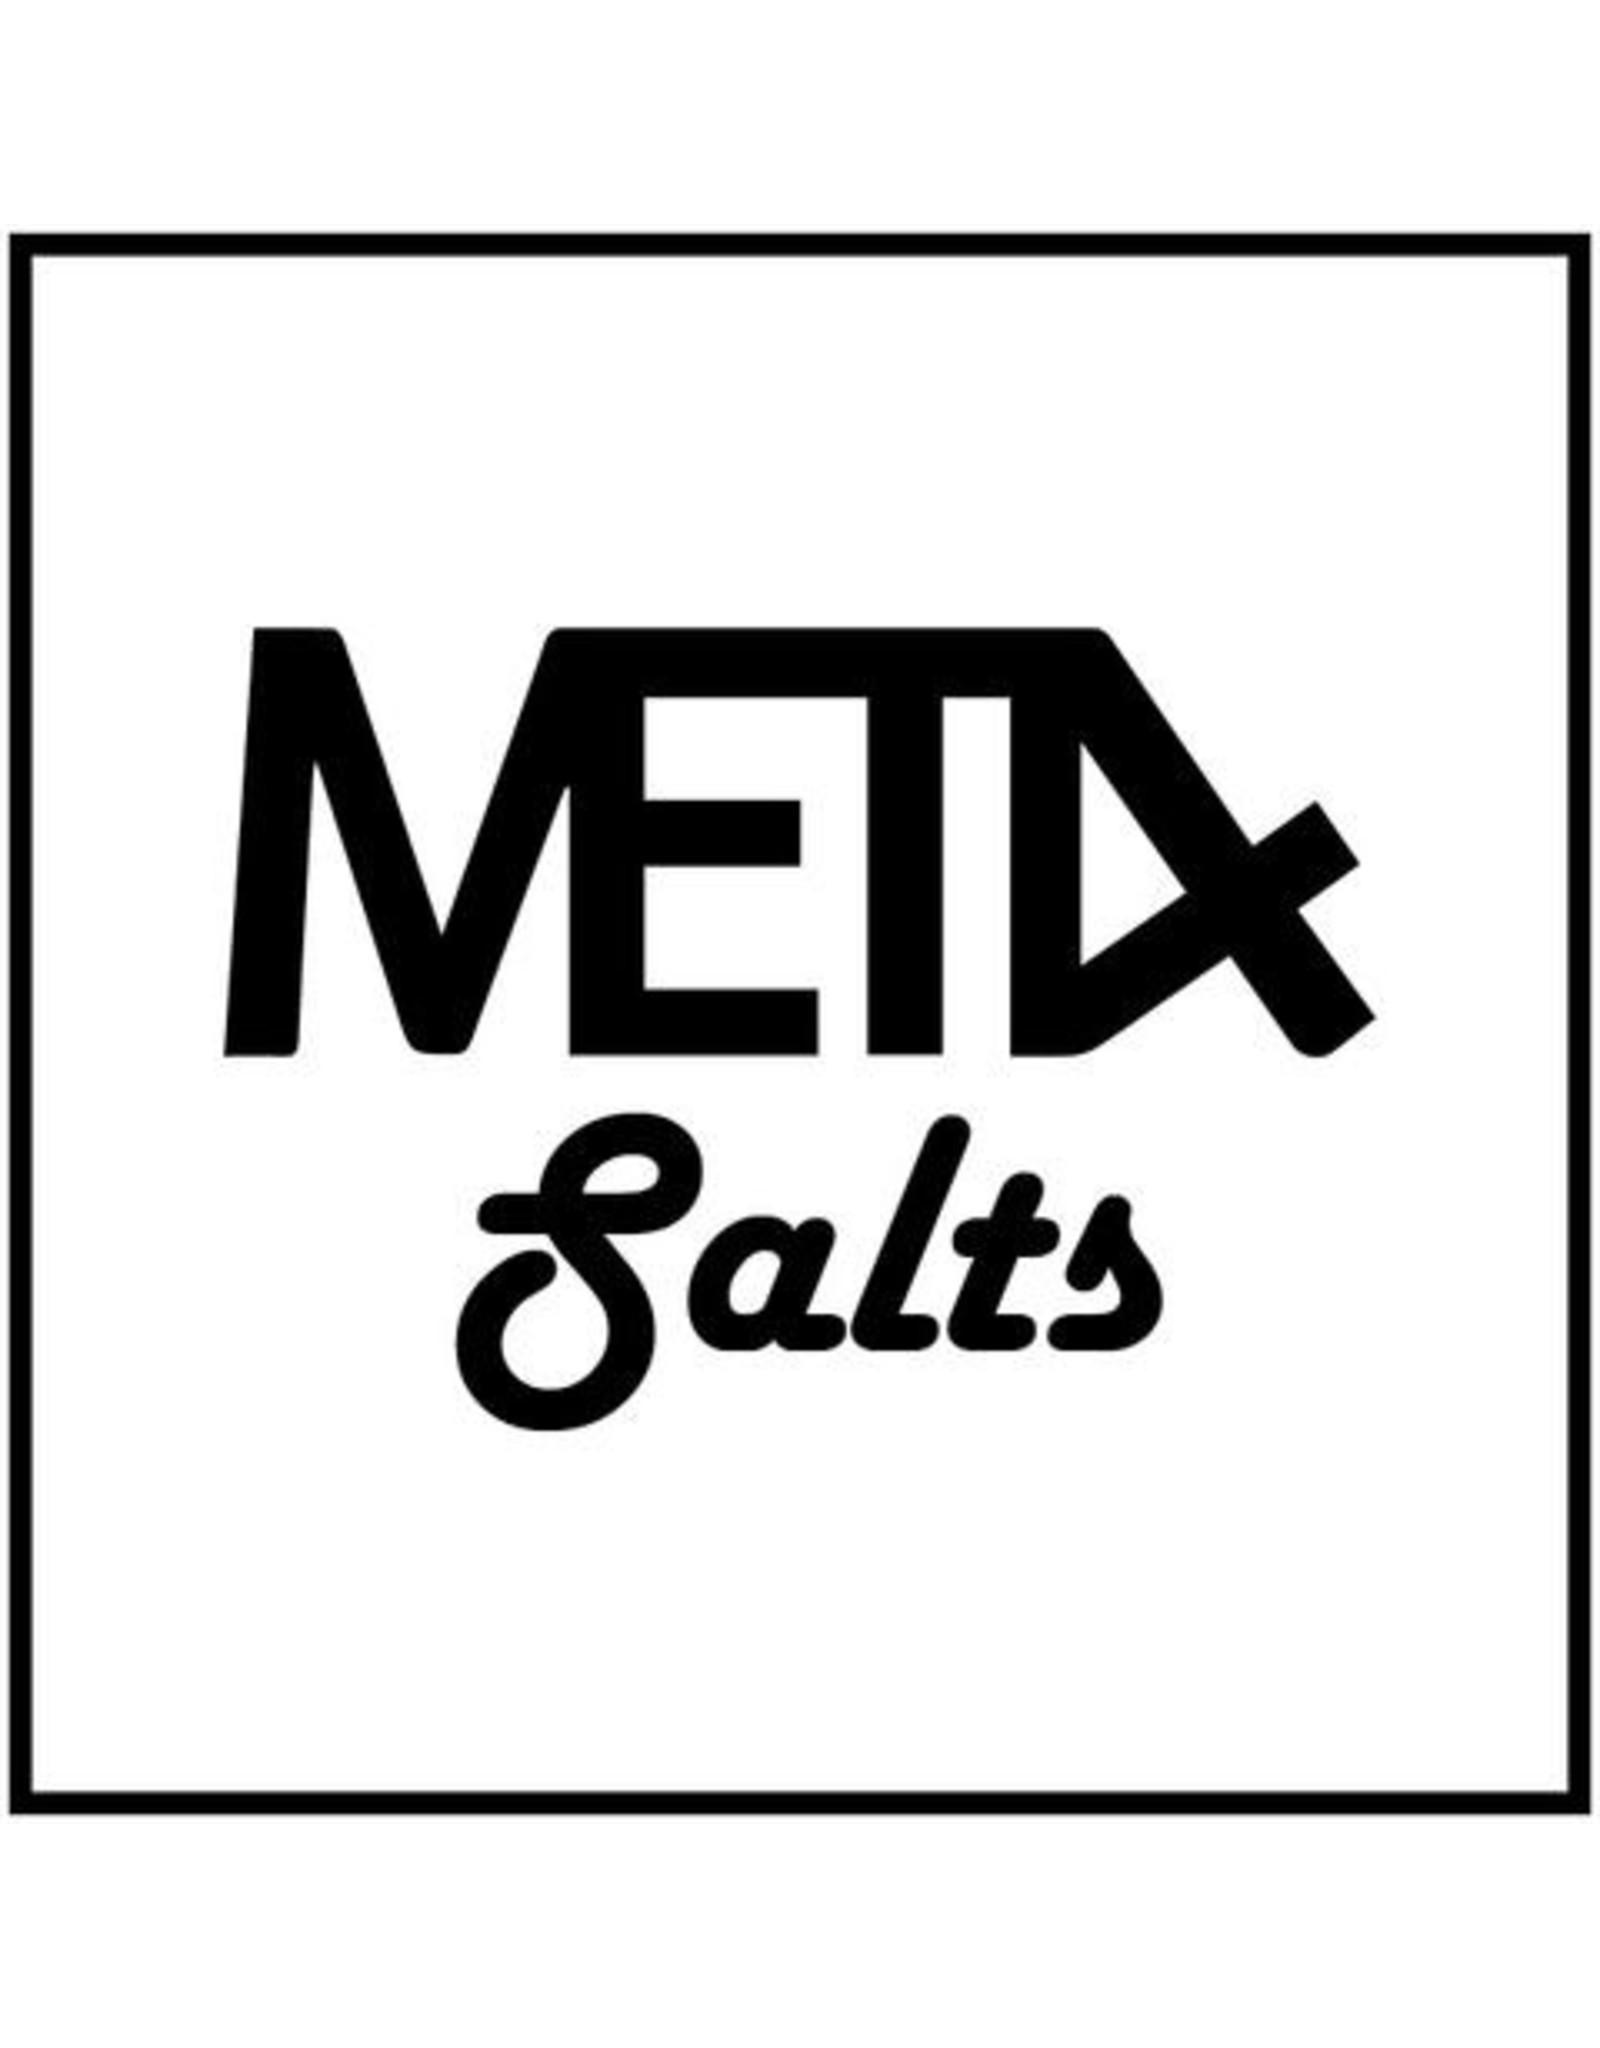 Met4 Met4 Salts